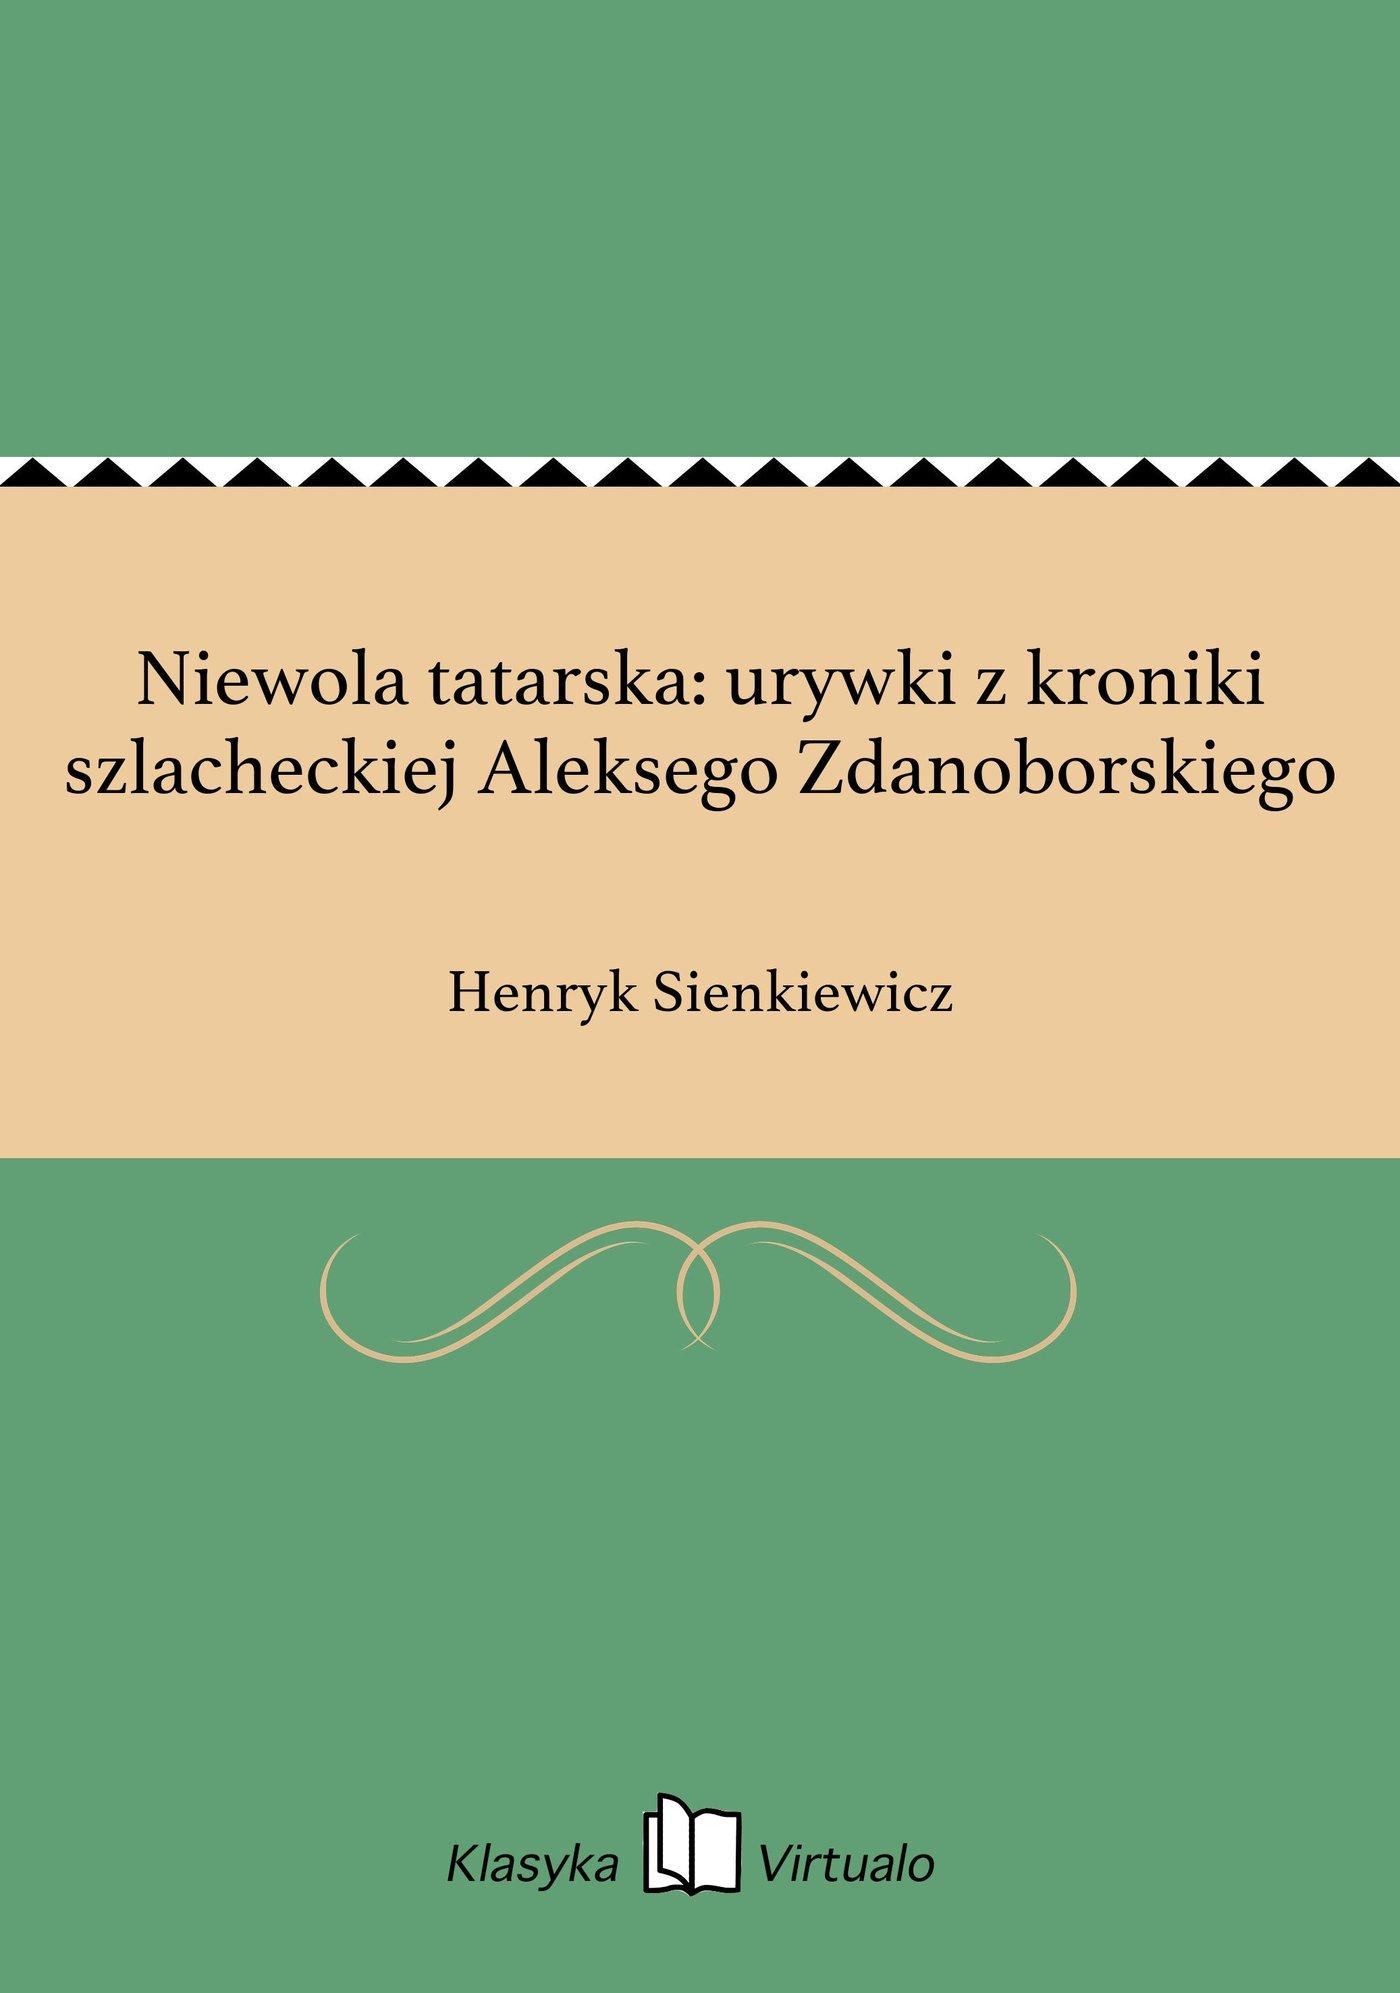 Niewola tatarska: urywki z kroniki szlacheckiej Aleksego Zdanoborskiego - Ebook (Książka EPUB) do pobrania w formacie EPUB